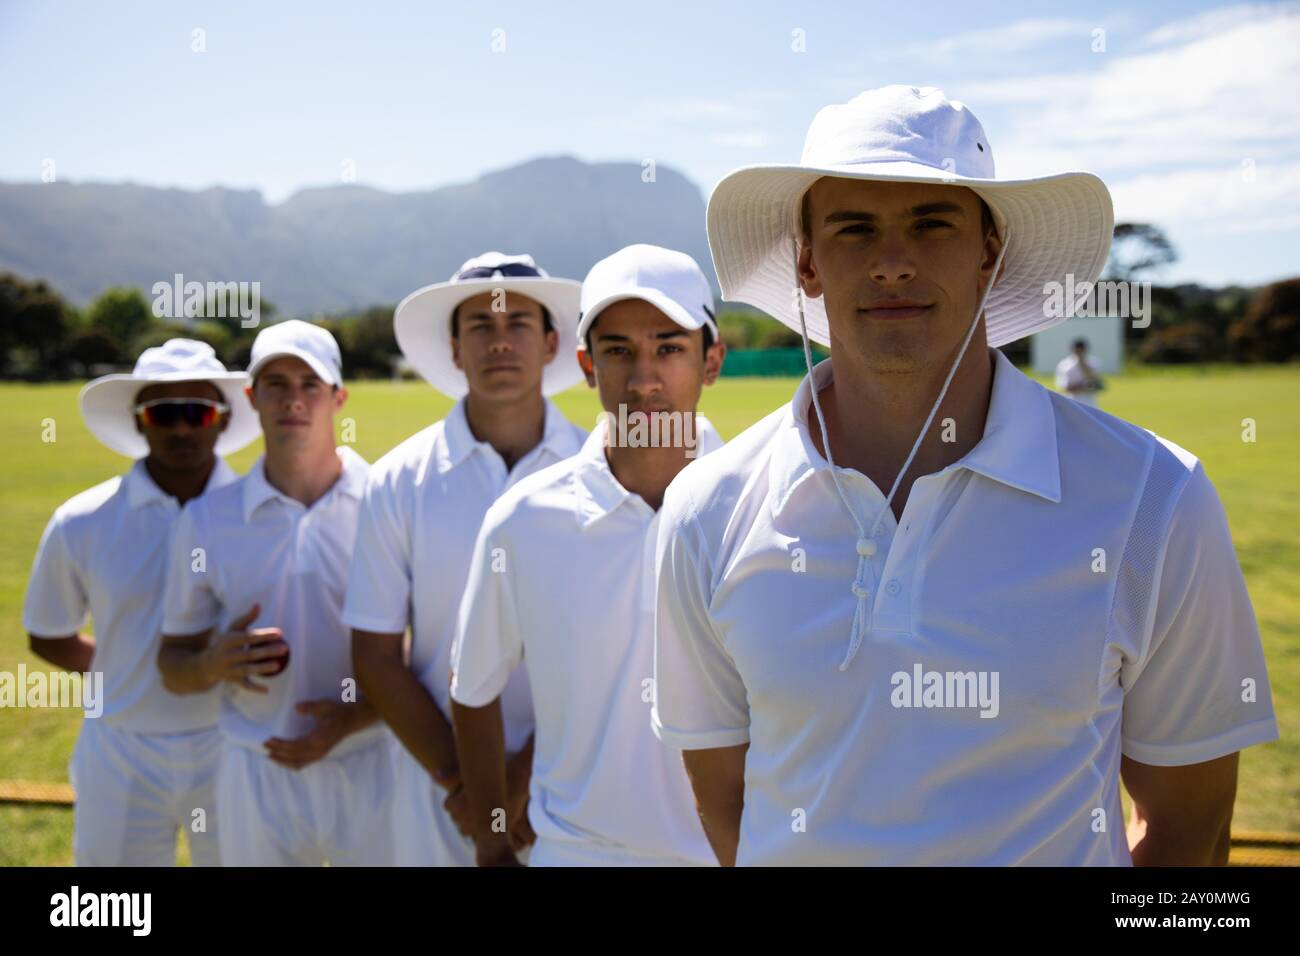 Équipe de cricket debout devant l'appareil photo Banque D'Images